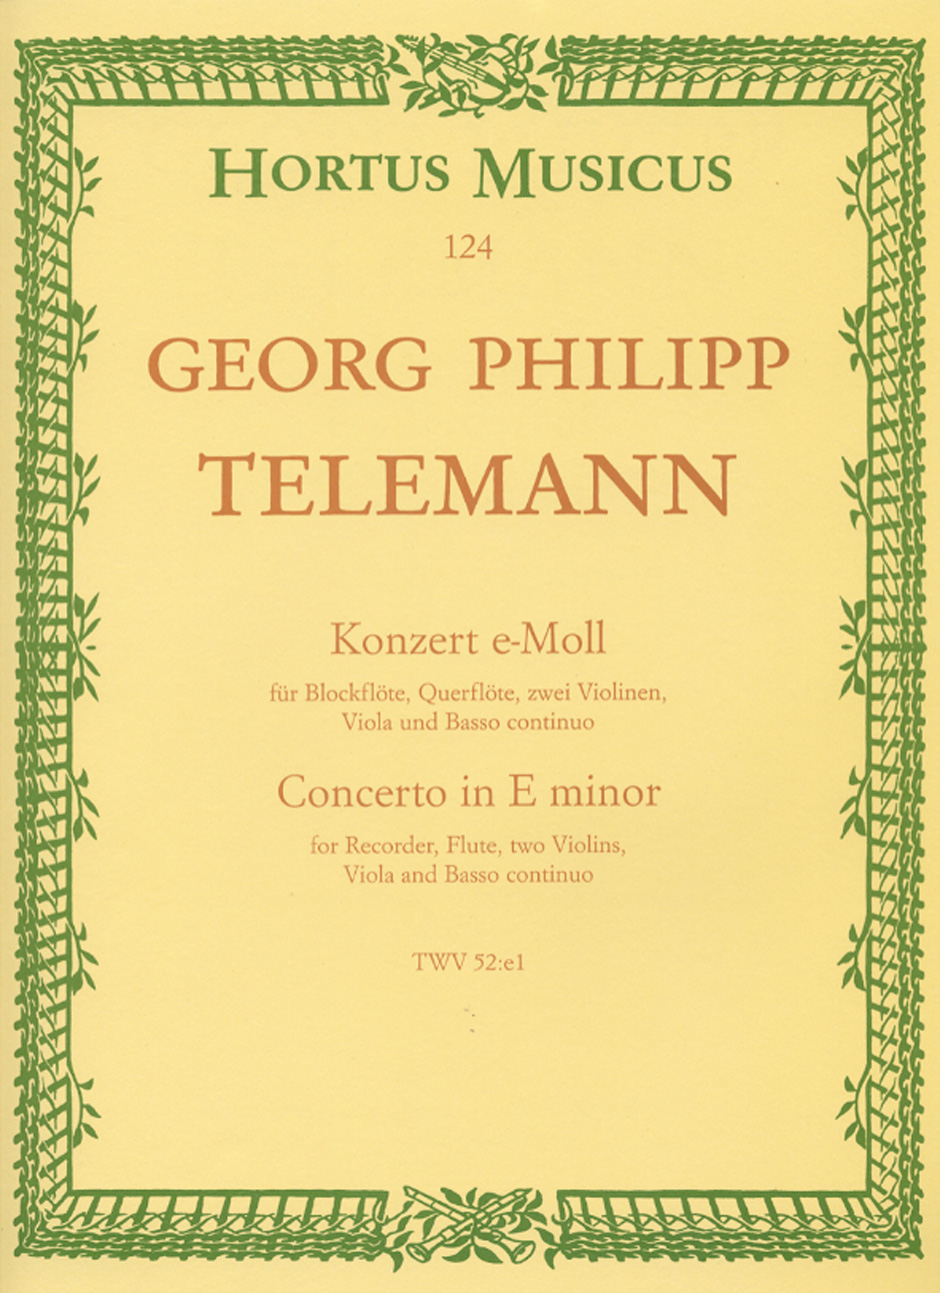 CONCERTO in E minor, TWV 52:e1 (score)